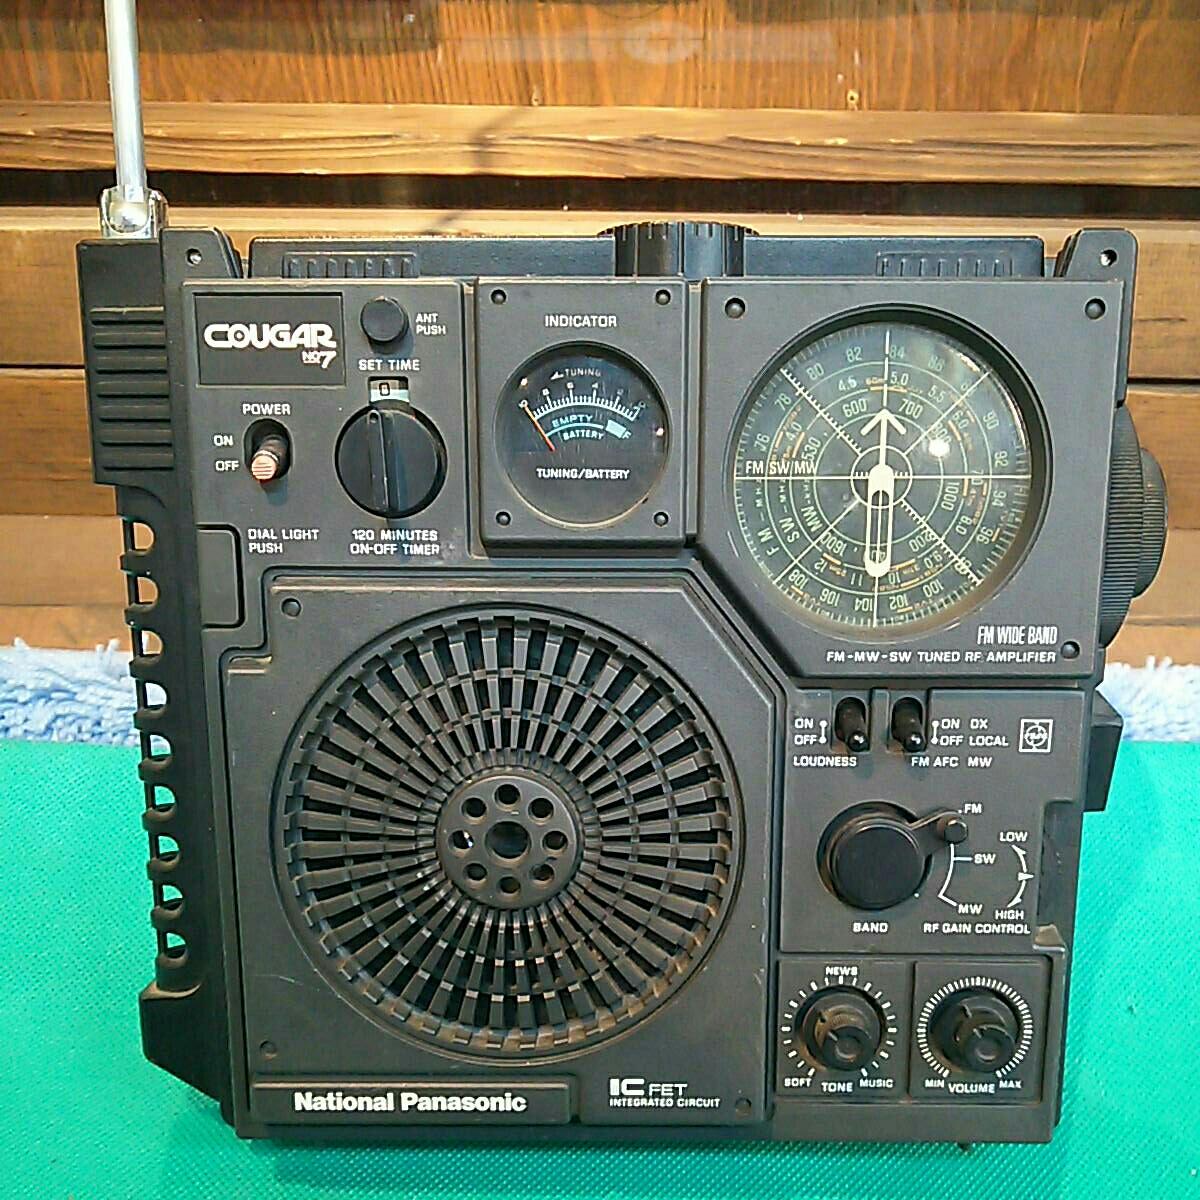 ナショナル national パナソニック Panasonic RF-877 3BAND ラジオ COUGAR No.7 RD-9801 NSB CRYSTAL 短波 中波 ジャンク ラジヲ 当時物